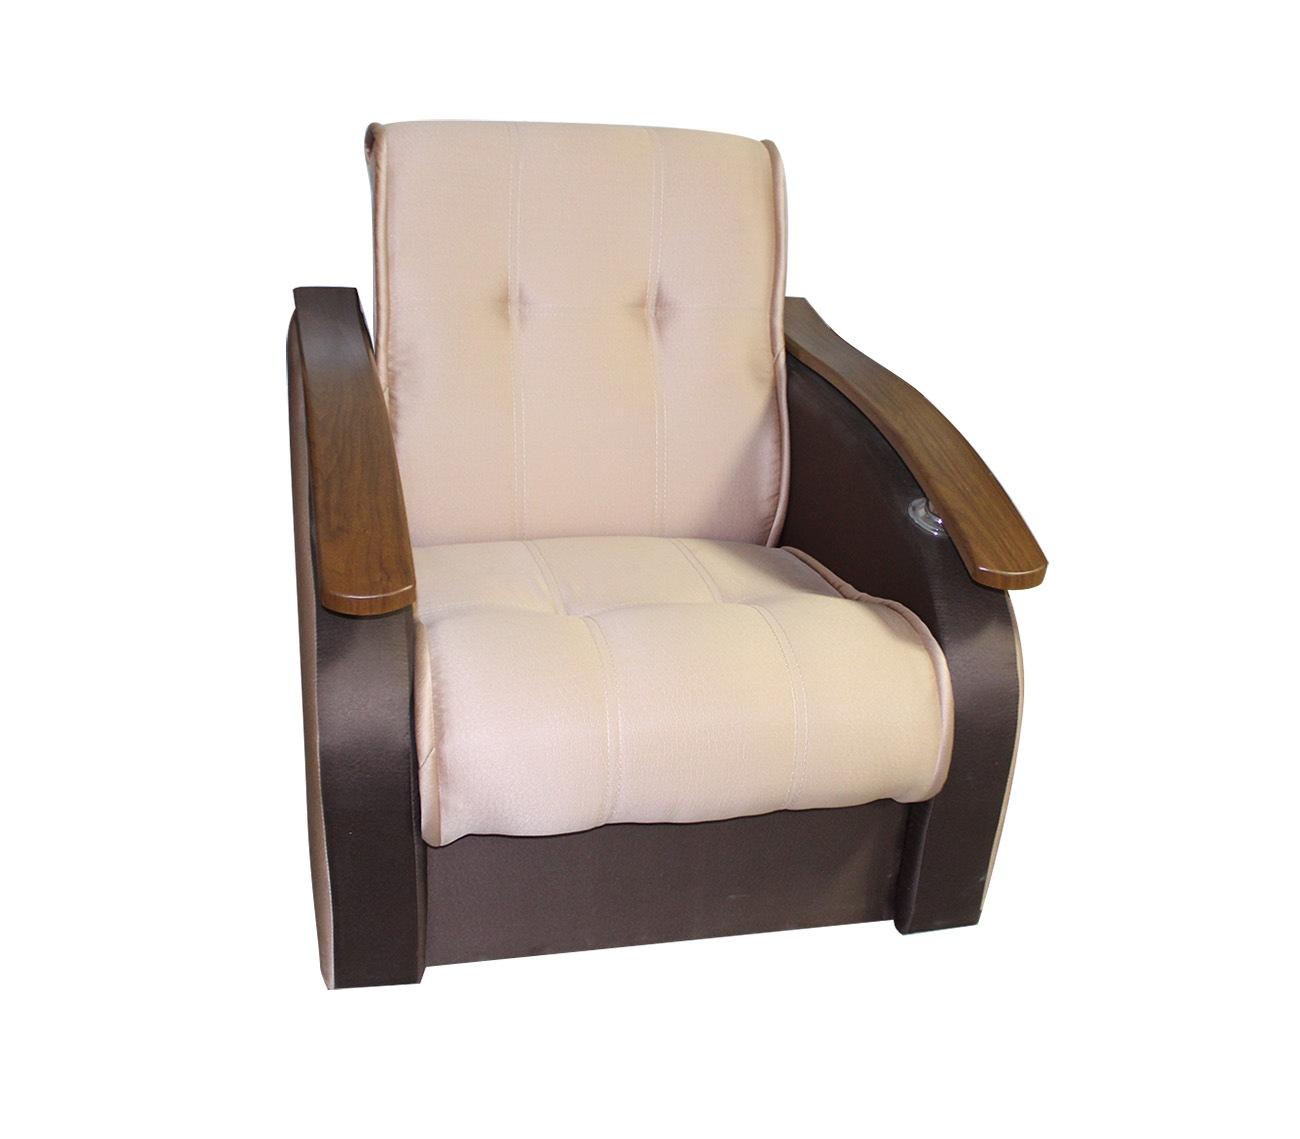 Кресло для отдыха Тополек-Акция кресло для отдыха аккорд